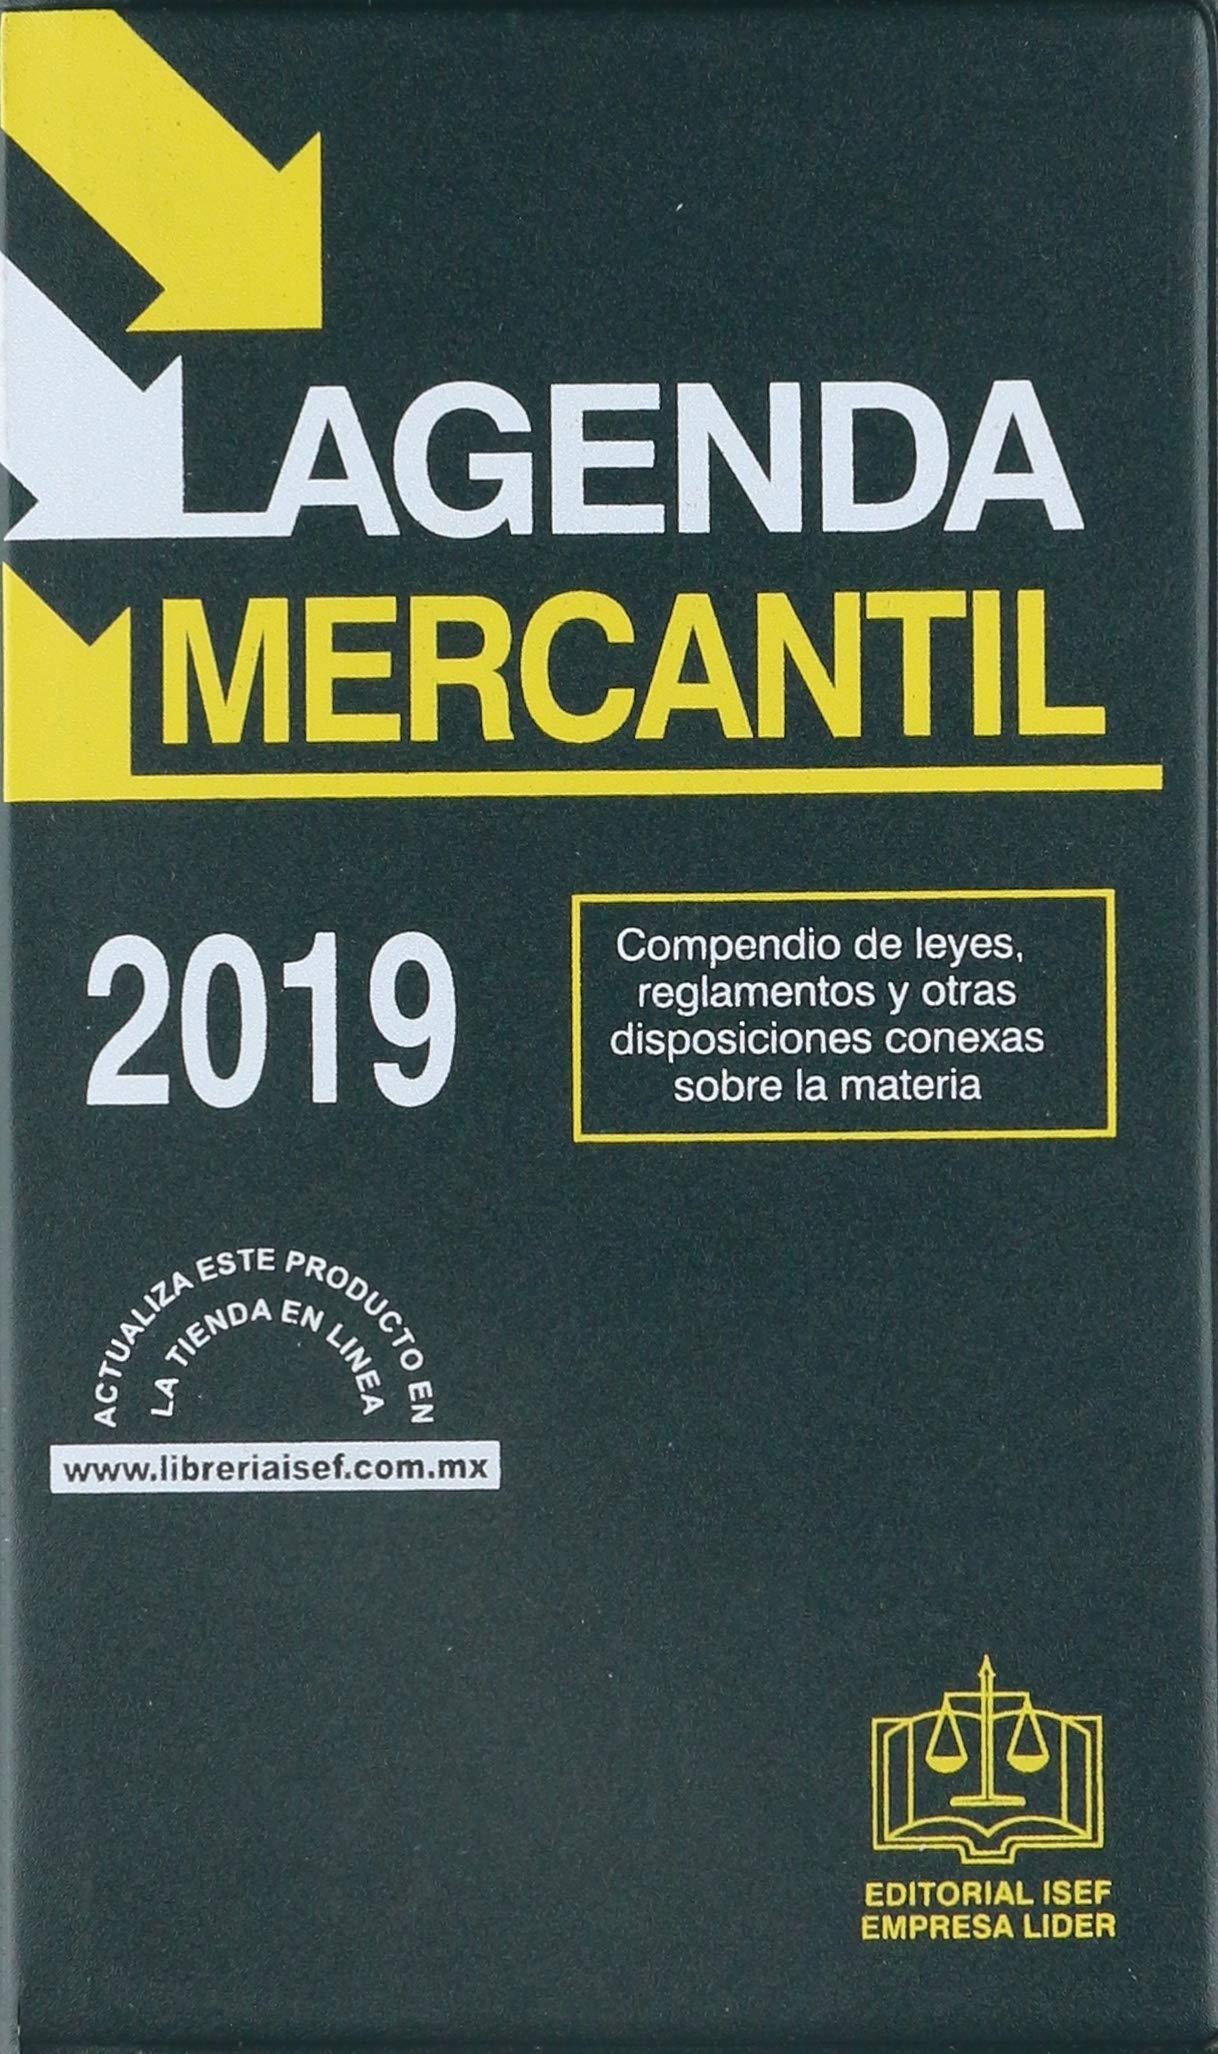 AGENDA MERCANTIL 2019: EDICIONES FISCALES ISEF ...